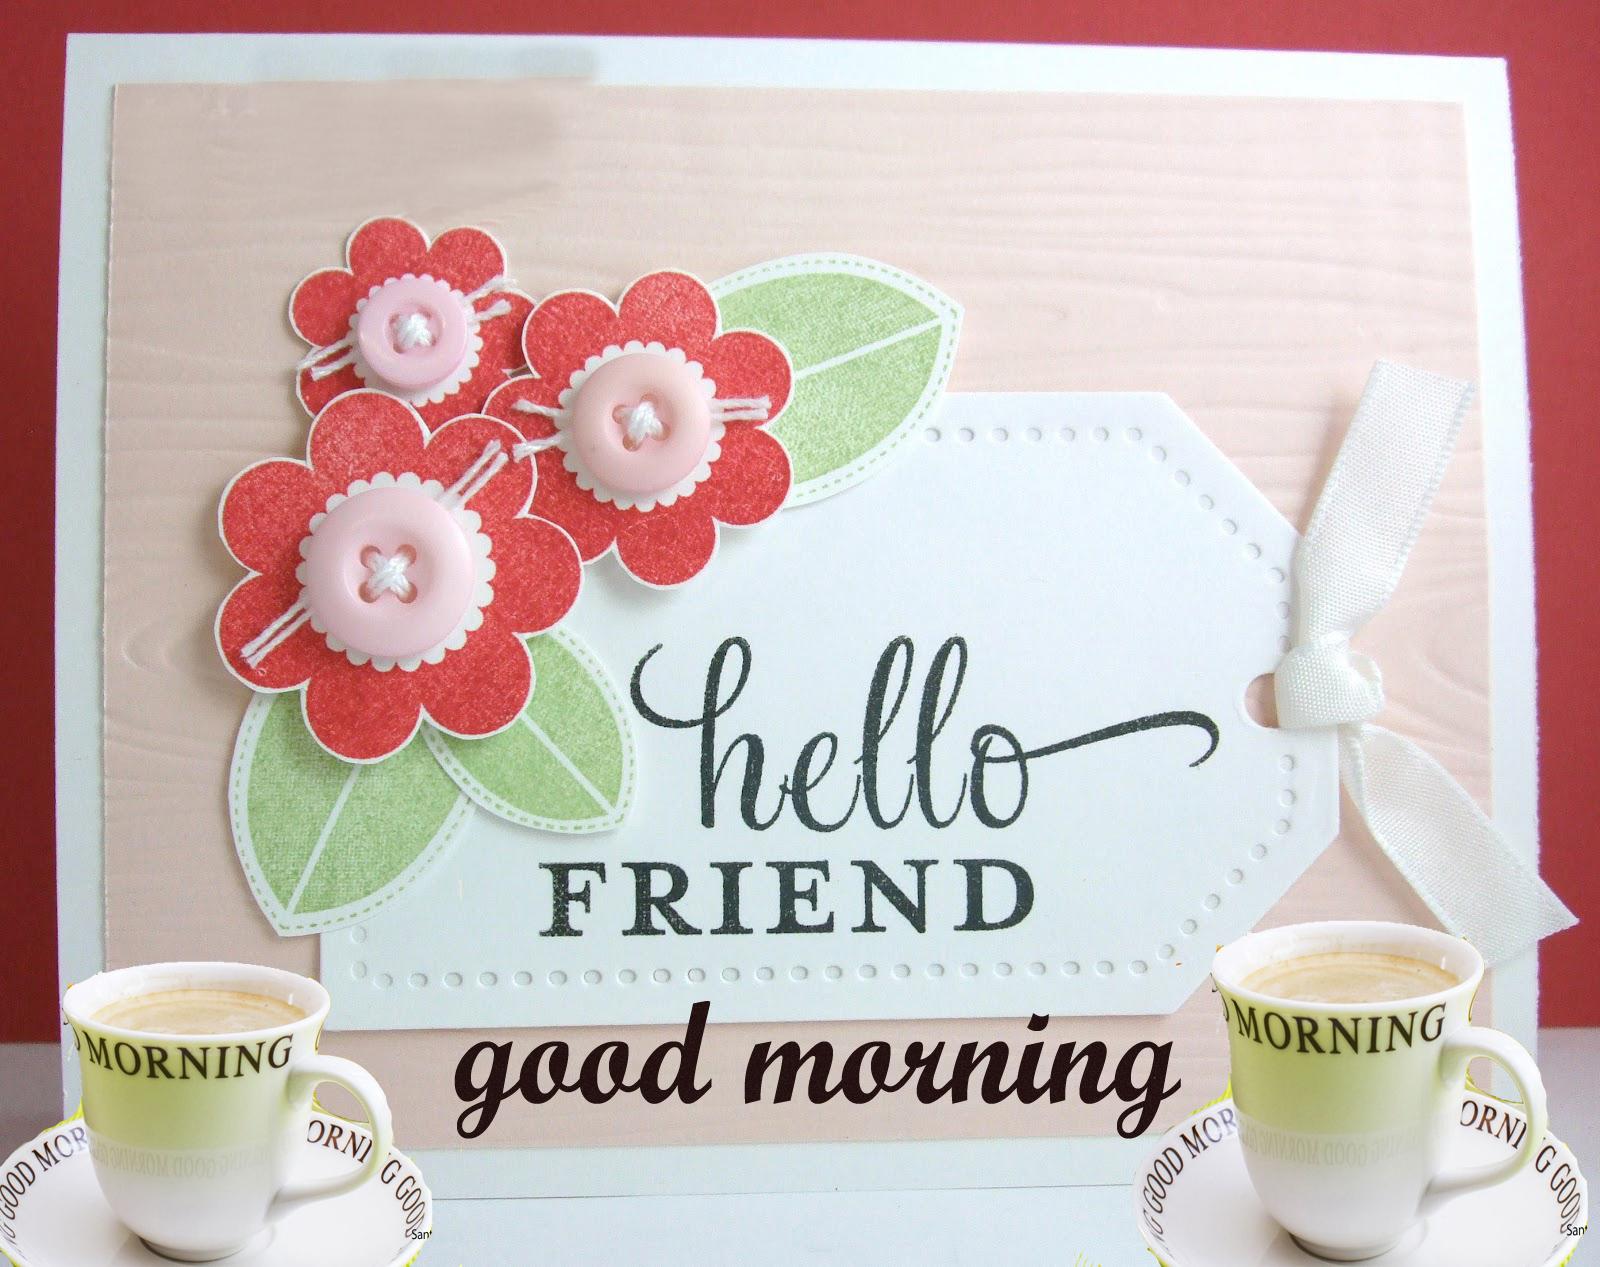 Good Morning Friends HD Wallpaper